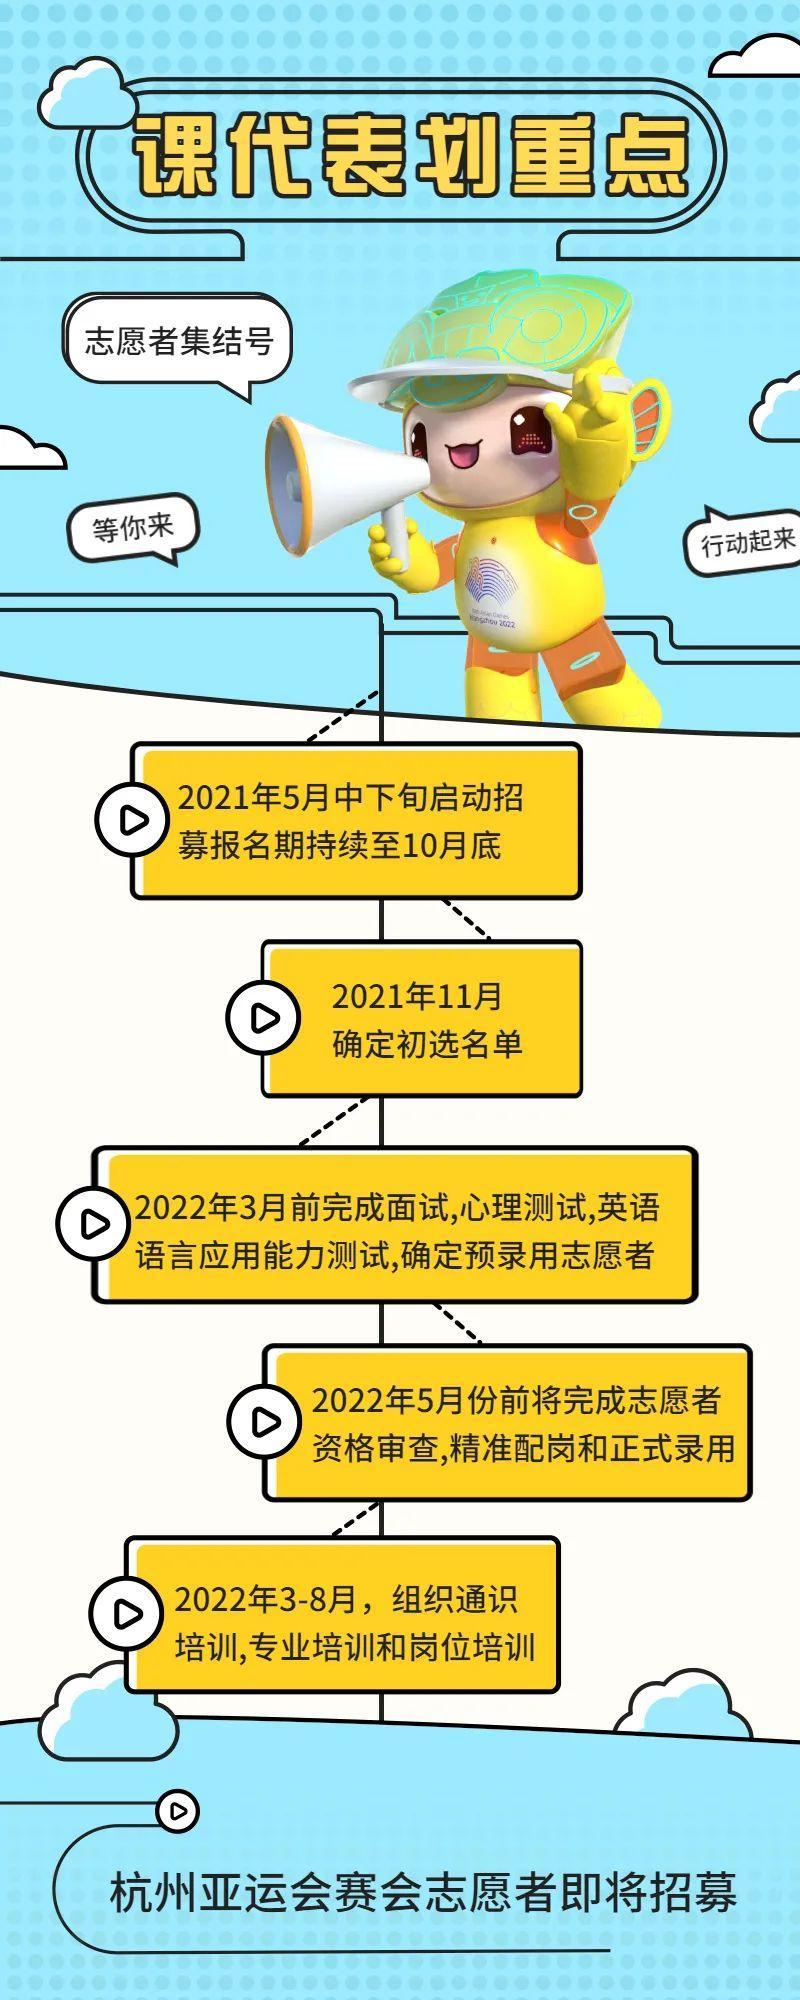 杭州亚运会赛会志愿者即将招募!招募办法和招募时间表看仔细了!